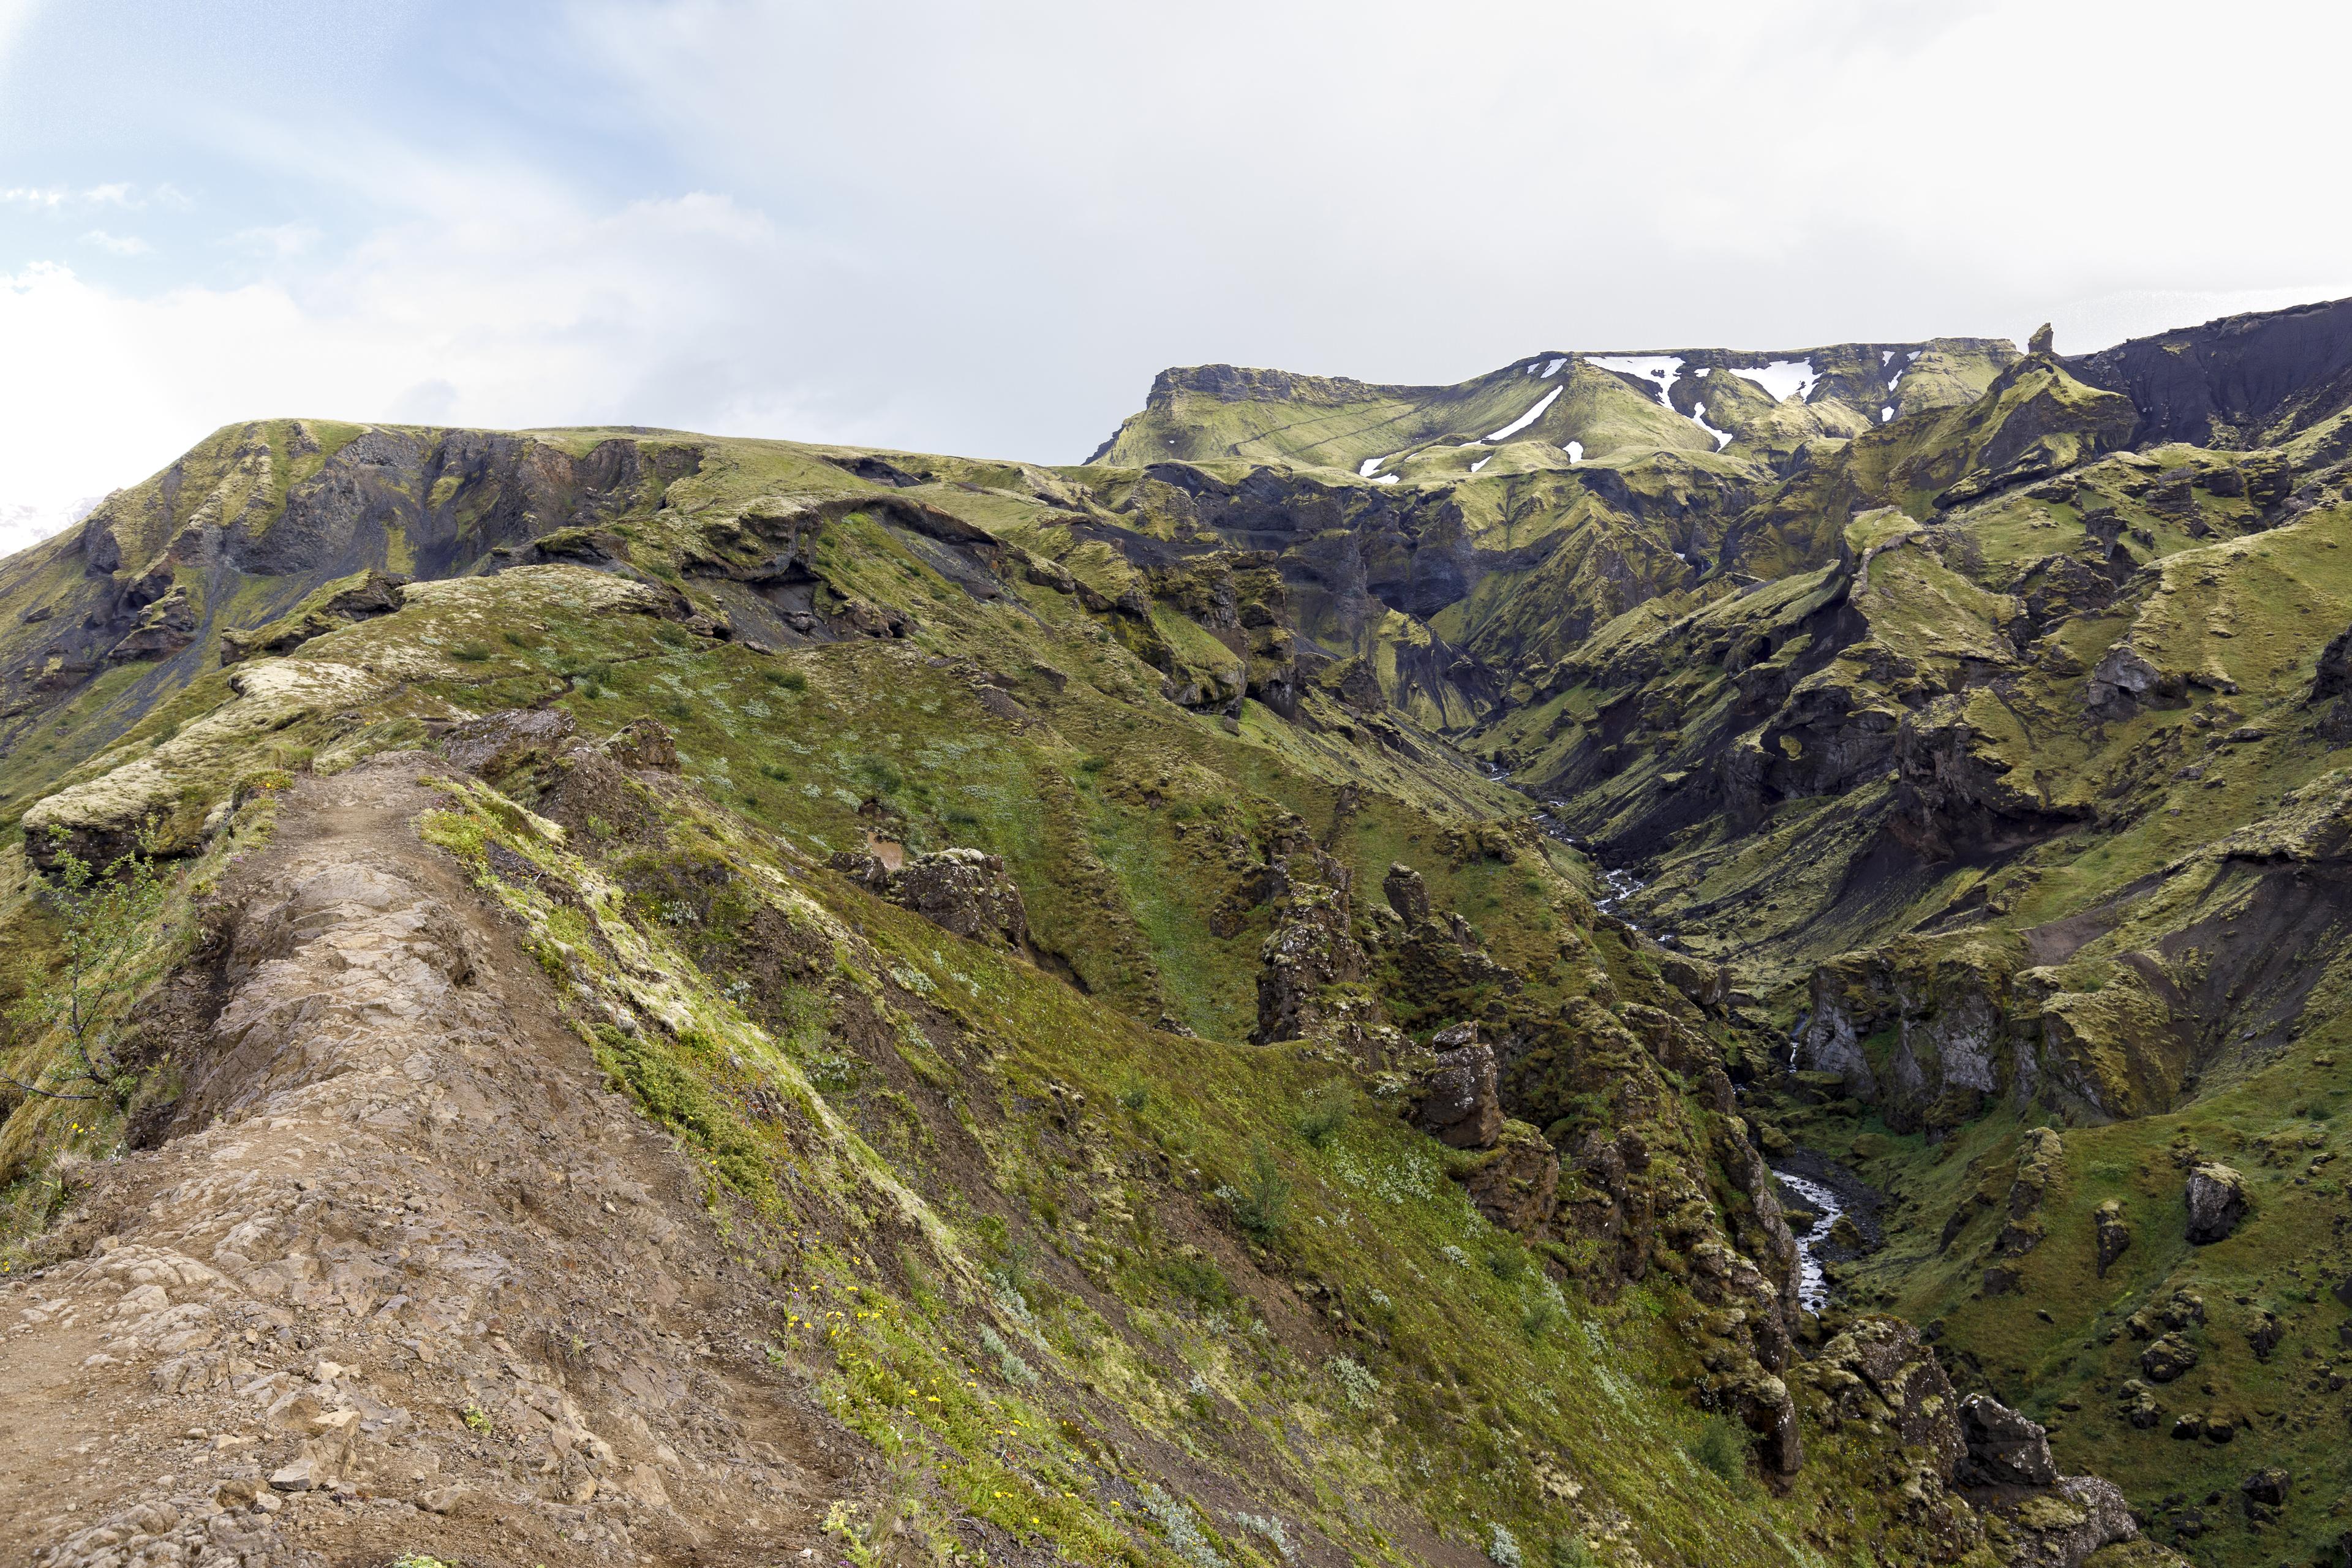 Der Weg verläuft auf dem Grat,©Markus Proske—Canon EOS 5D Mark IV, EF16-35mm f/4L IS USM, 28mm, 1/80s, Blende 8, ISO 400